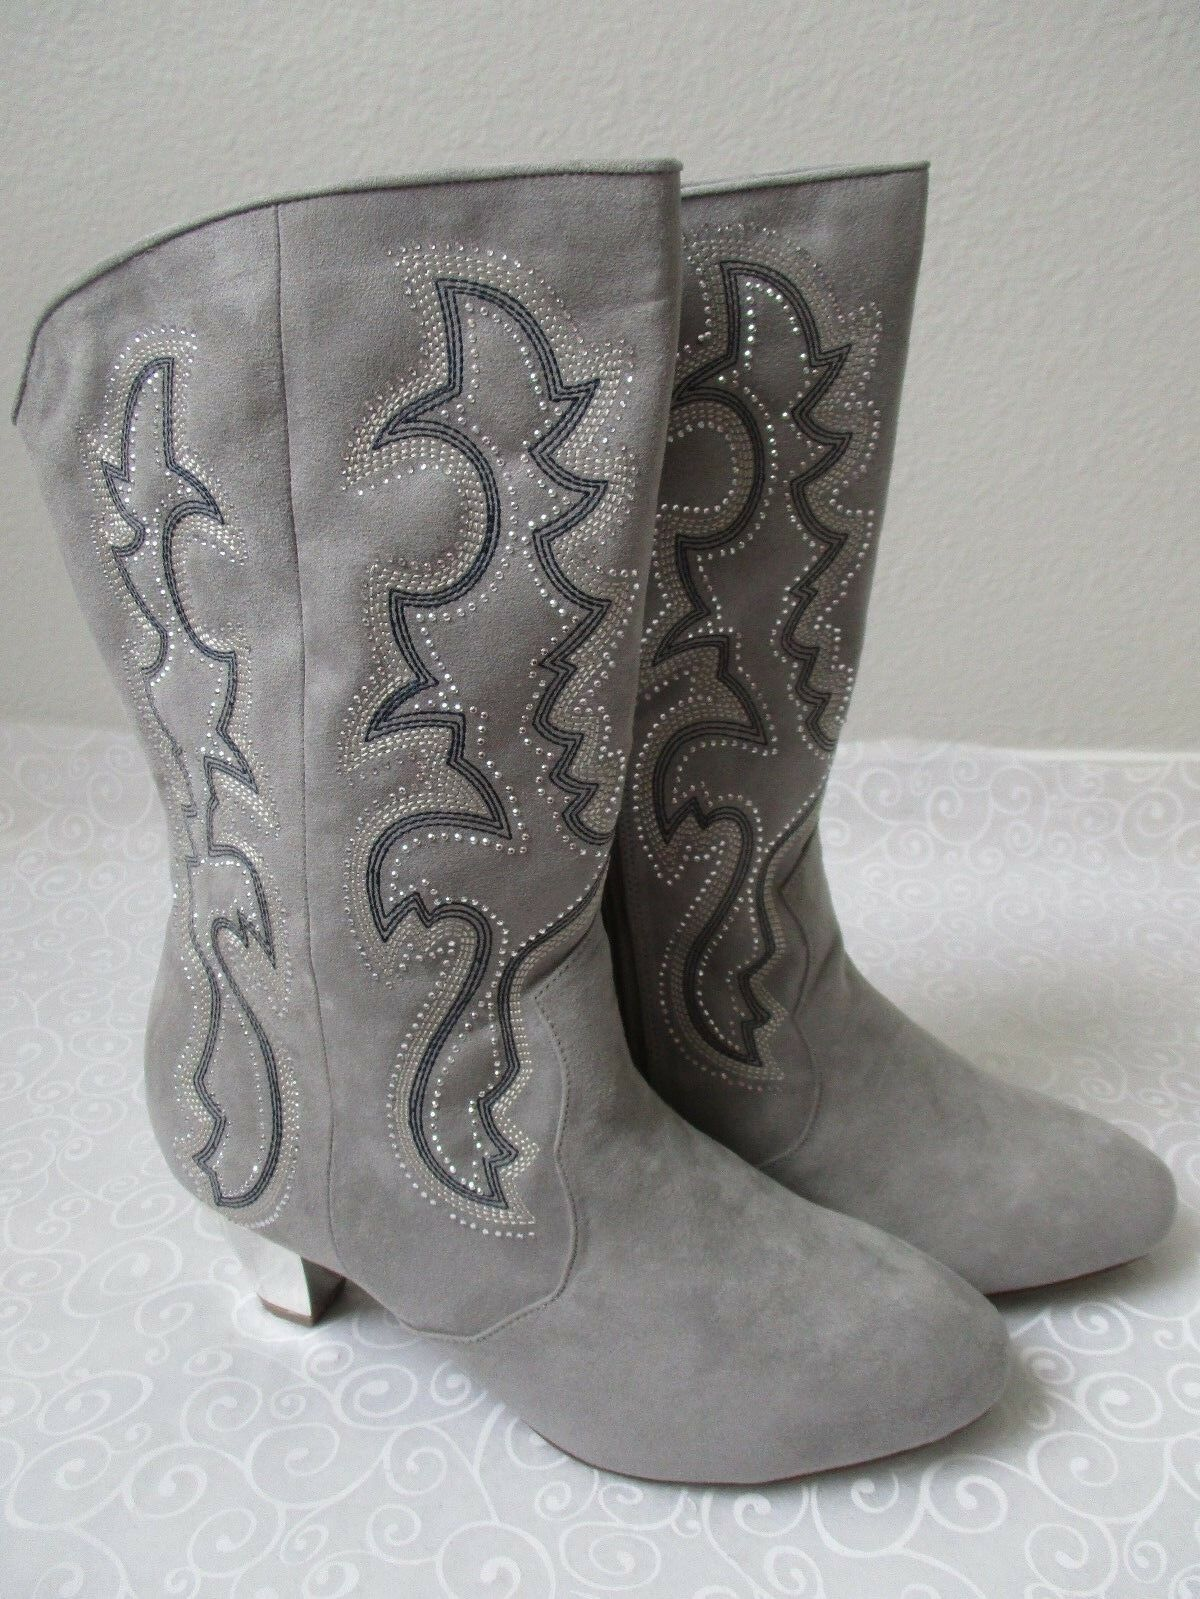 Joan Boyce Boyce Boyce Tela gris Floral Print Stud botas De Vaquero Talla 9 1 2 W-Nuevo  distribución global